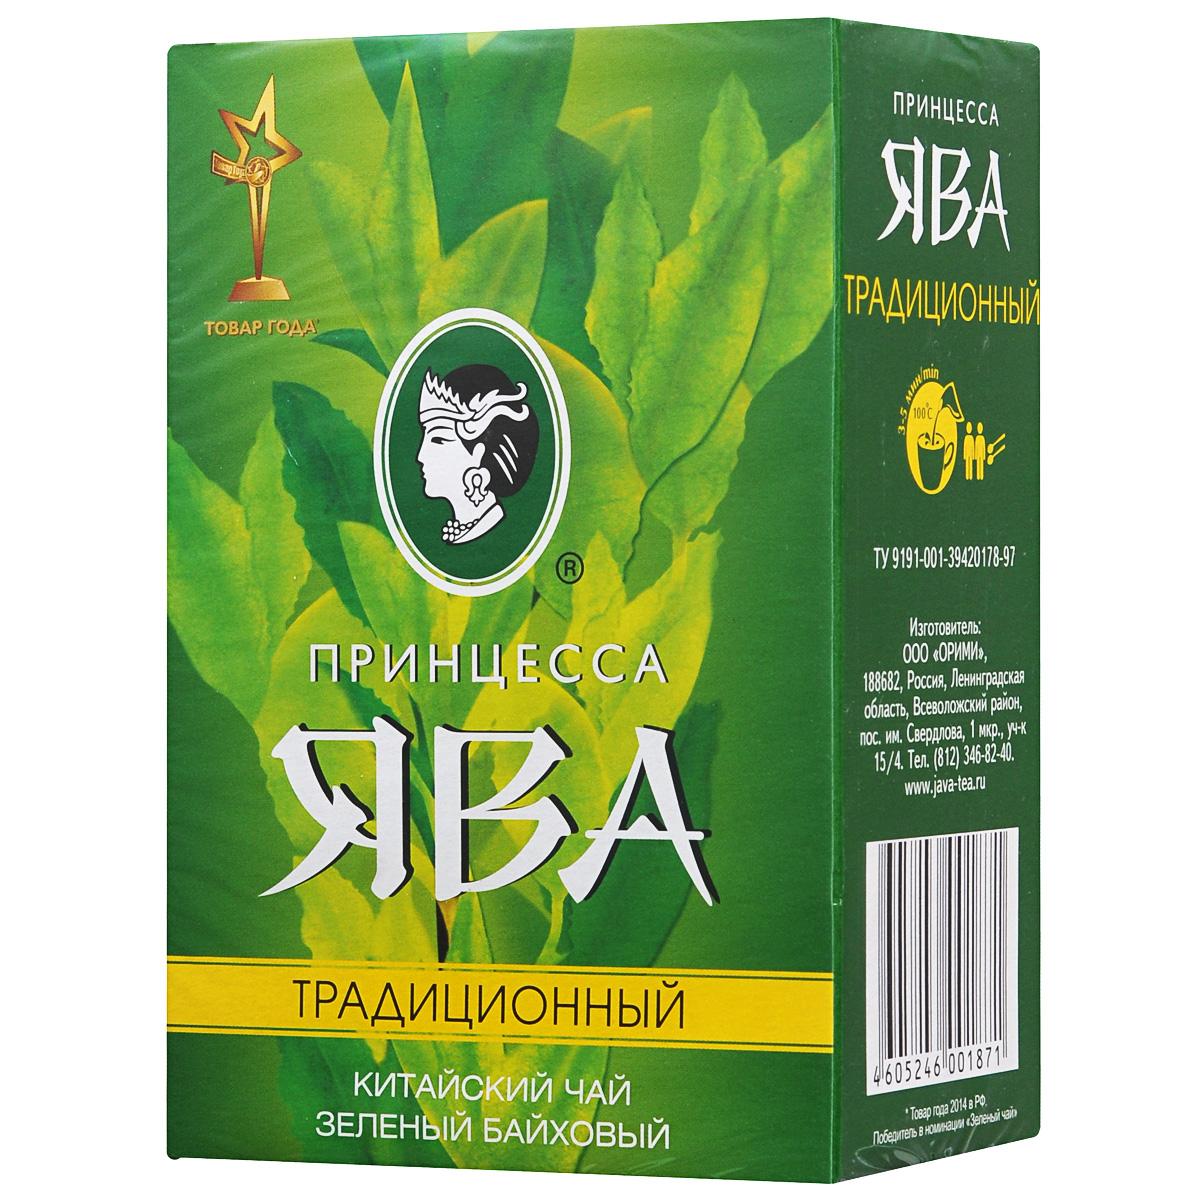 Принцесса Ява Традиционный зеленый чай листовой, 200 г newby hi chung зеленый листовой чай 125 г